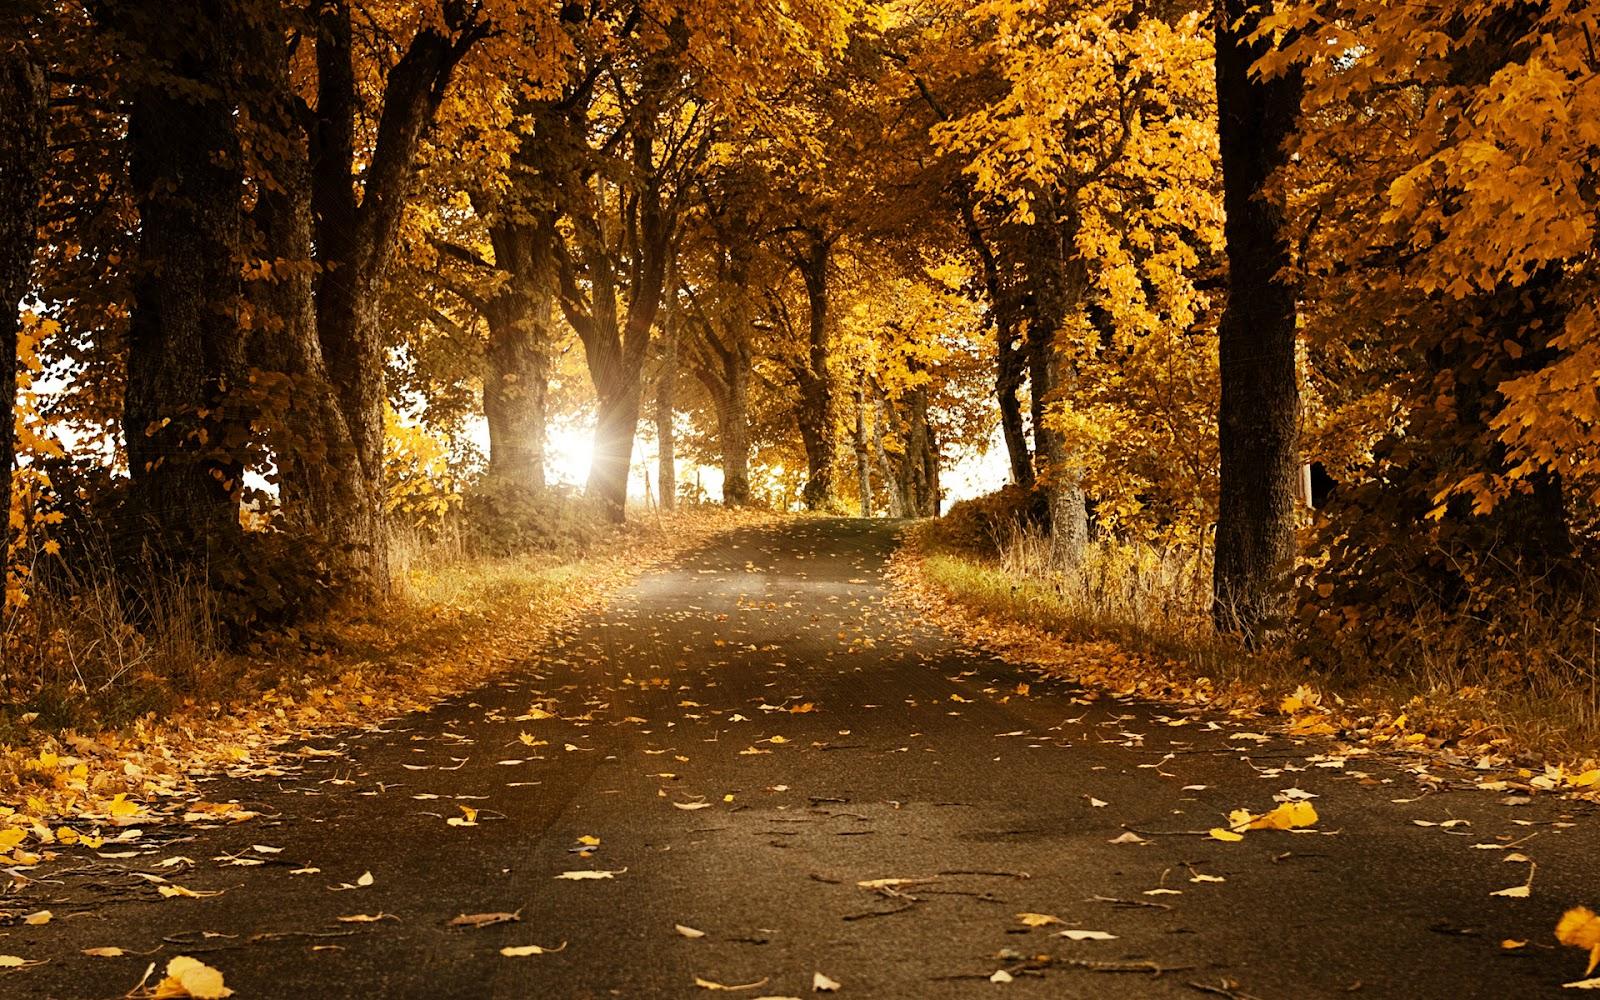 http://1.bp.blogspot.com/-LBYtS9q2OtM/T039dB4QQtI/AAAAAAAAAFQ/Qzj3J79mCQA/s1600/autumn_breeze-wide.jpg